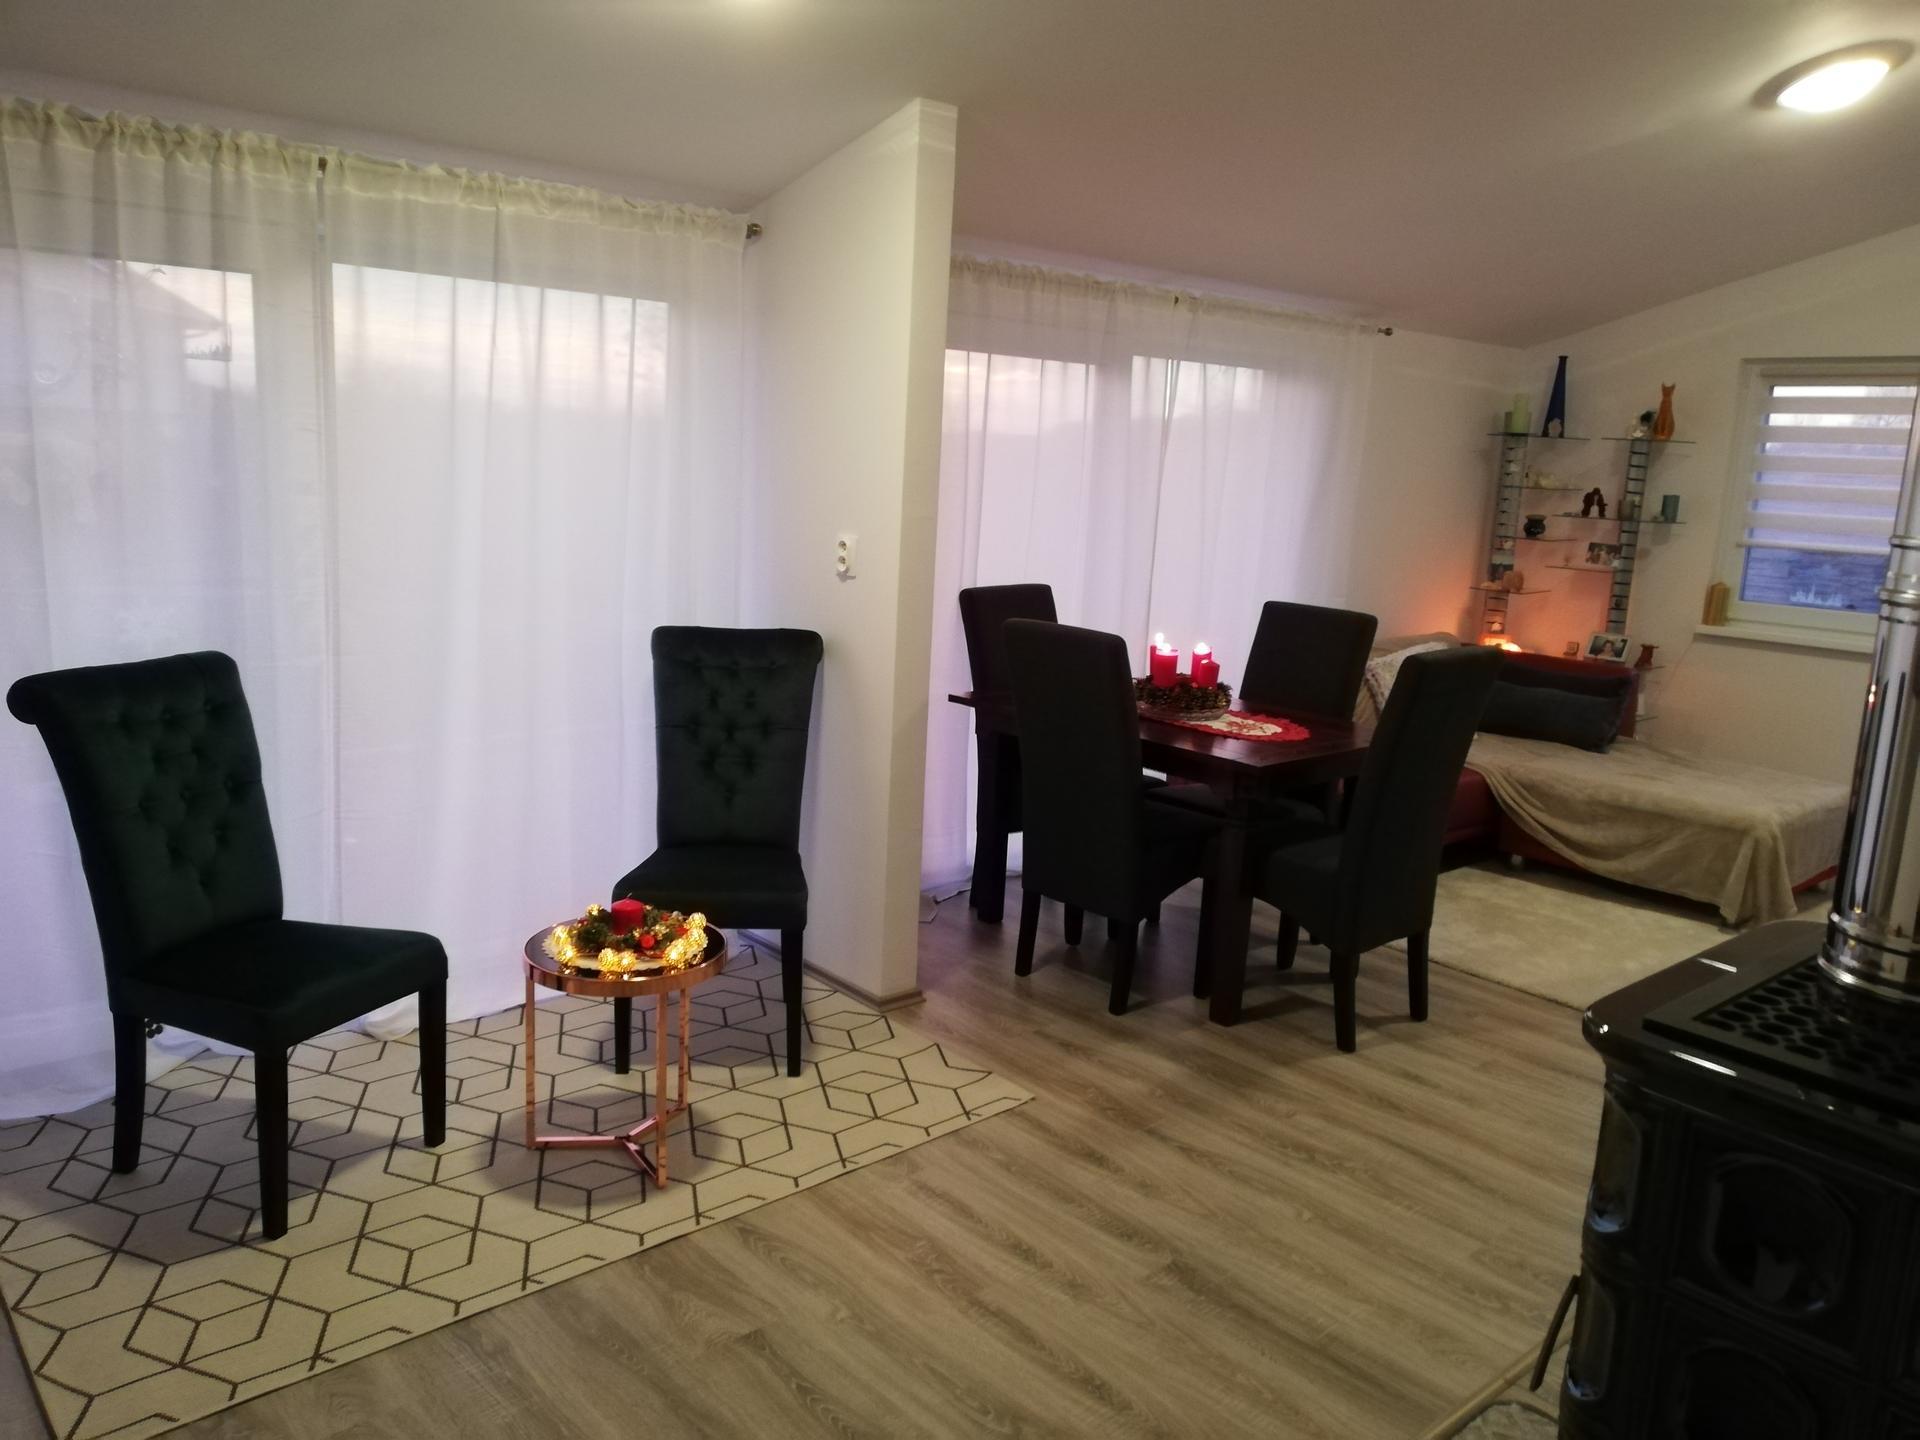 Vstavané Skrine, jedálenský stôl, relaxačný kútik - Obrázok č. 2